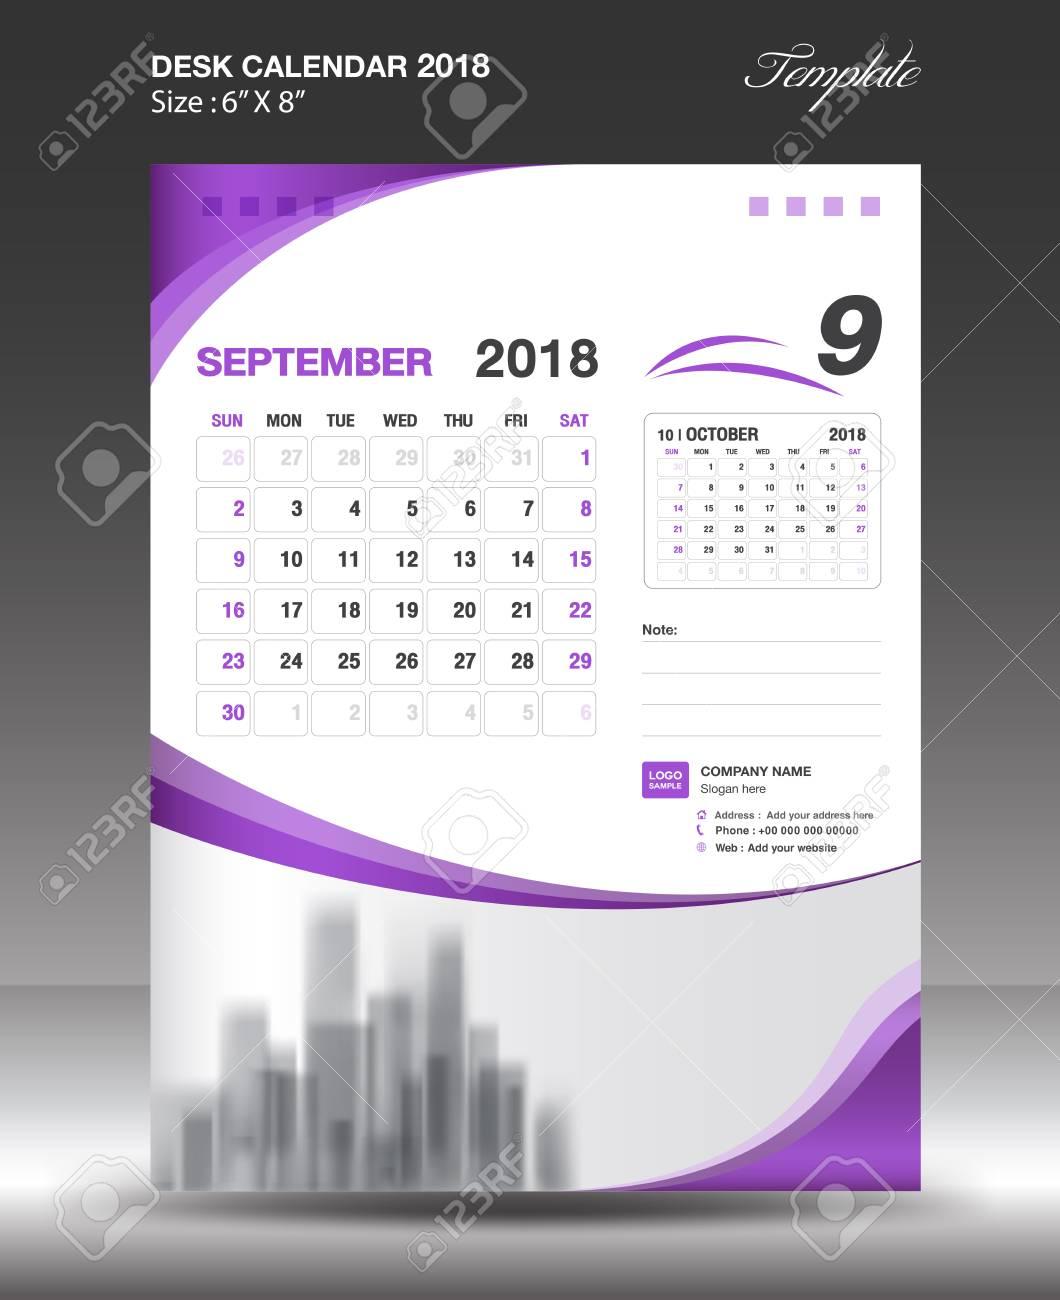 September 2018 desk calendar template design royalty free cliparts september 2018 desk calendar template design stock vector 89303911 saigontimesfo